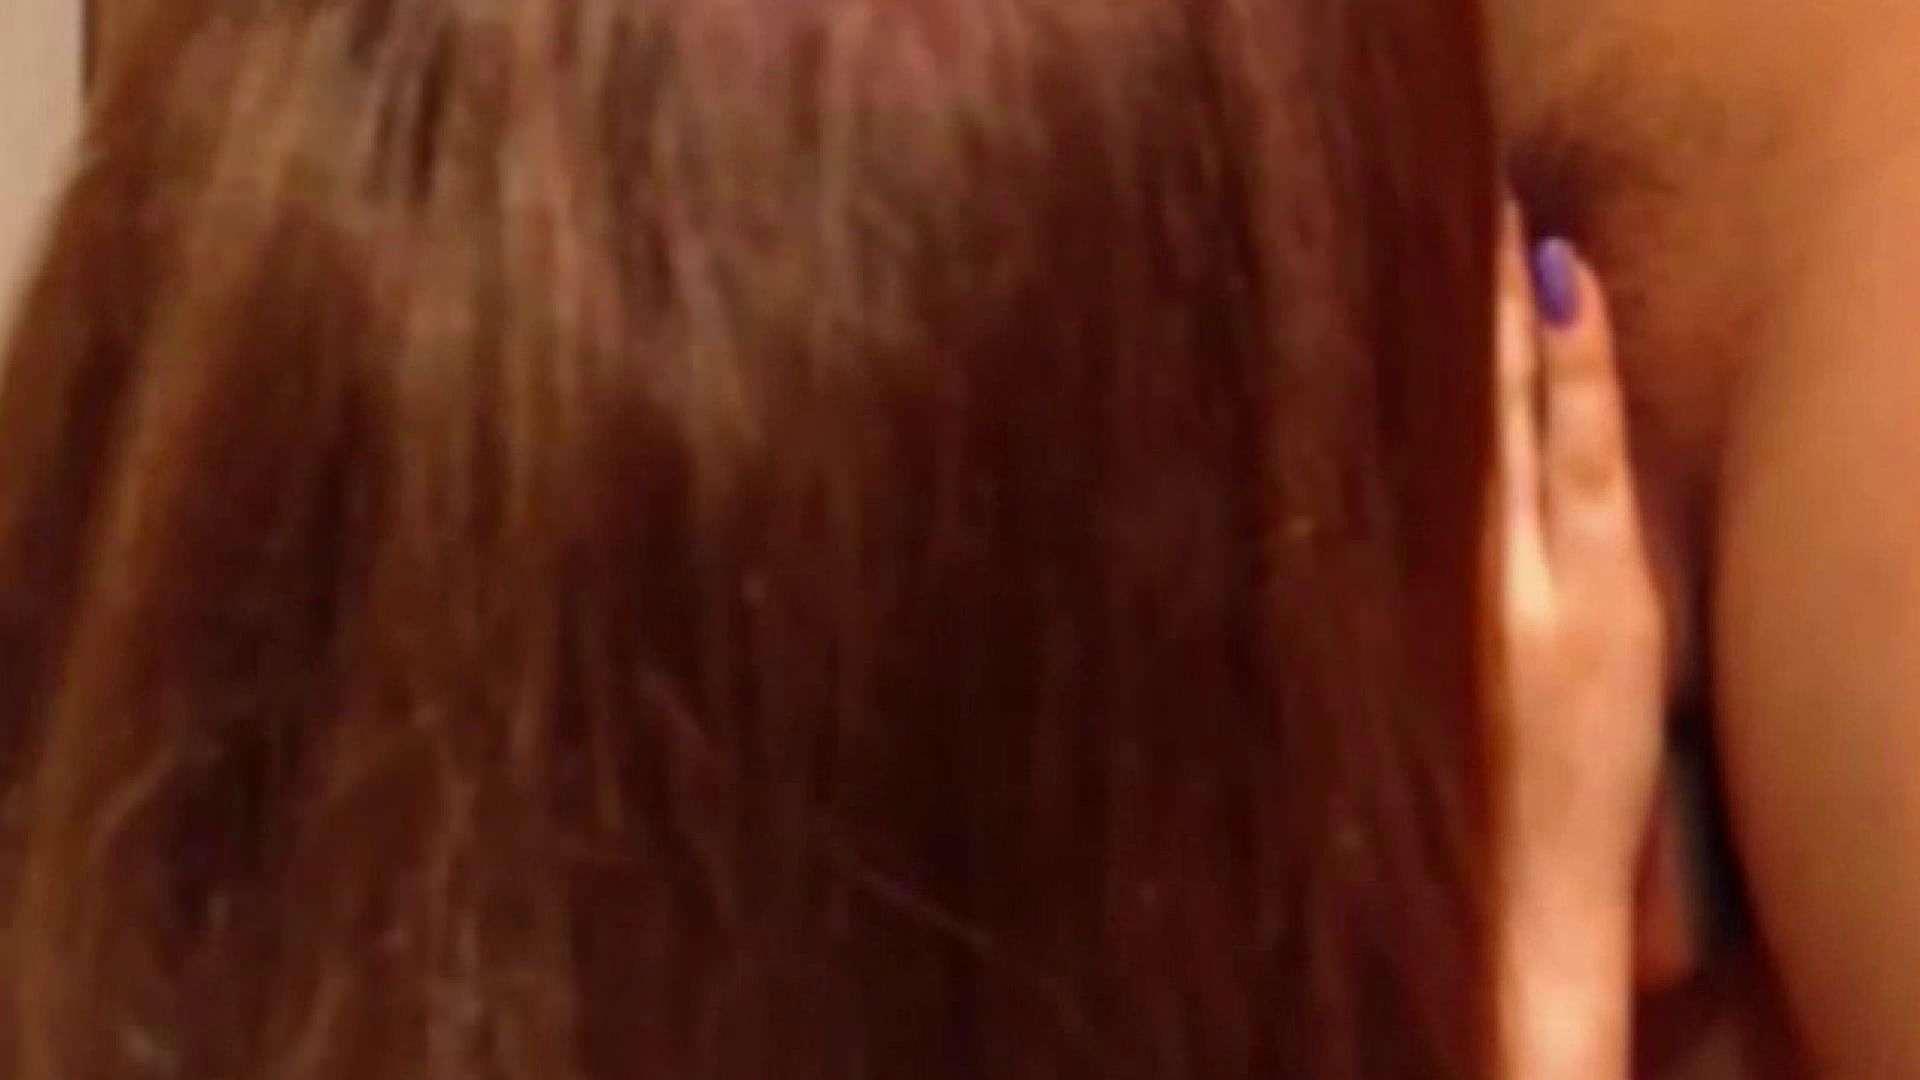 変態ギャル姫のH Vol.02 後編 オマンコ秘宝館 セックス画像 100連発 48